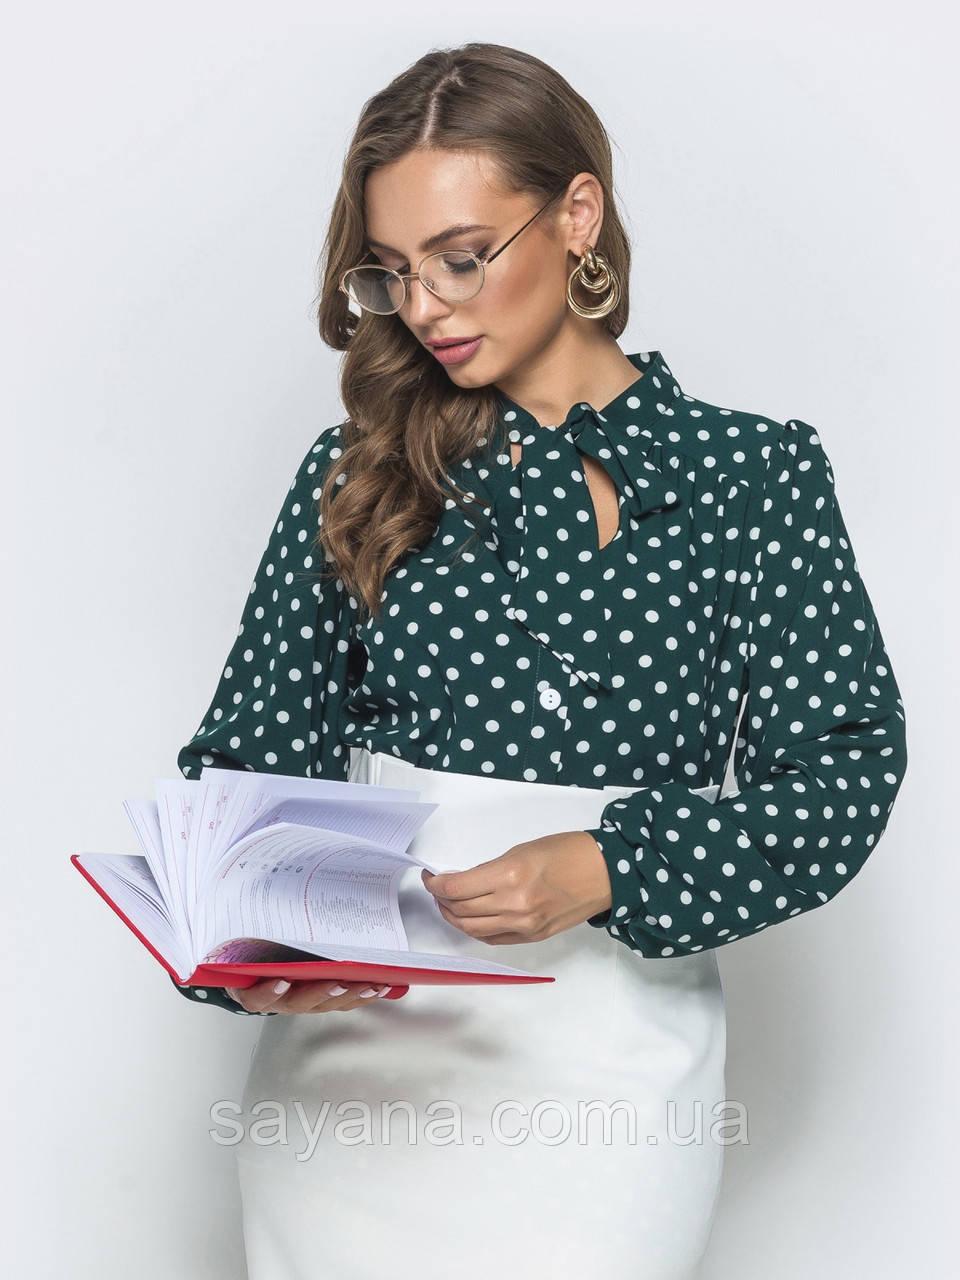 Женская блуза, в расцветках, р-р 48-52. ЛП-9-1-0819(731)